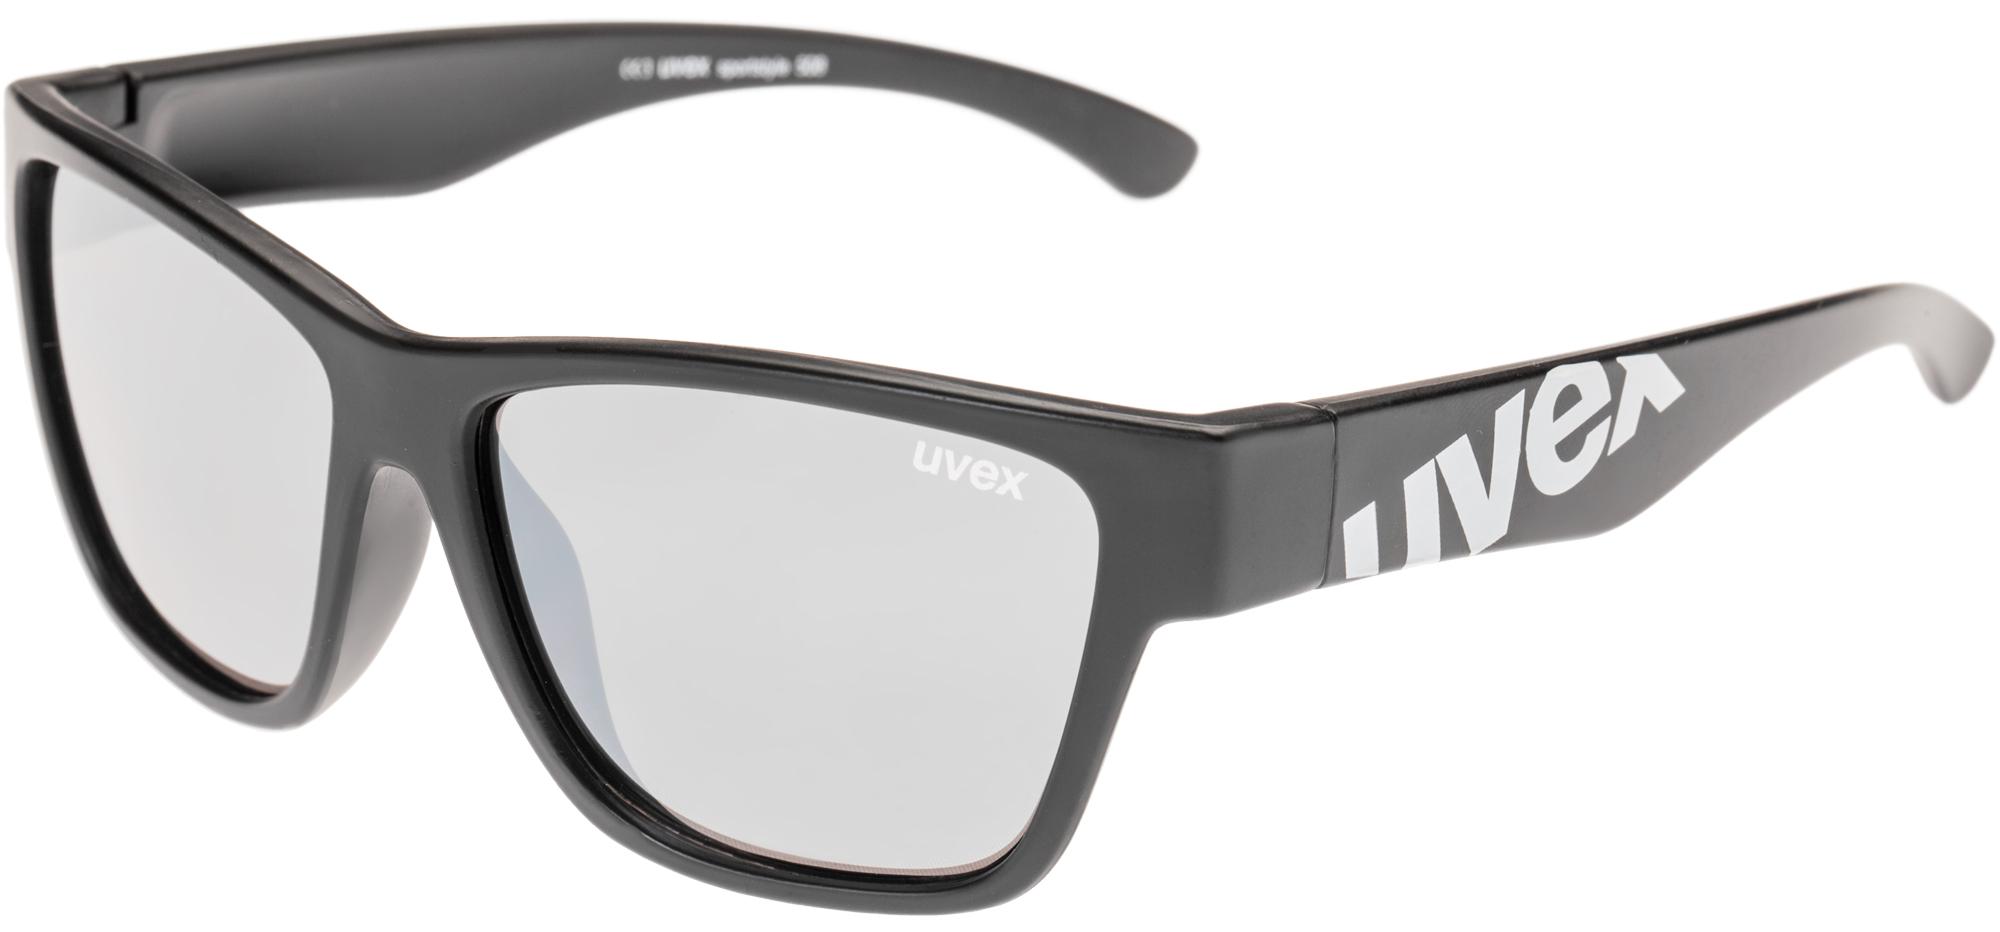 Фото - Uvex Солнцезащитные очки детские Uvex cолнцезащитные очки real kids детские серф оранжевые 7surnor